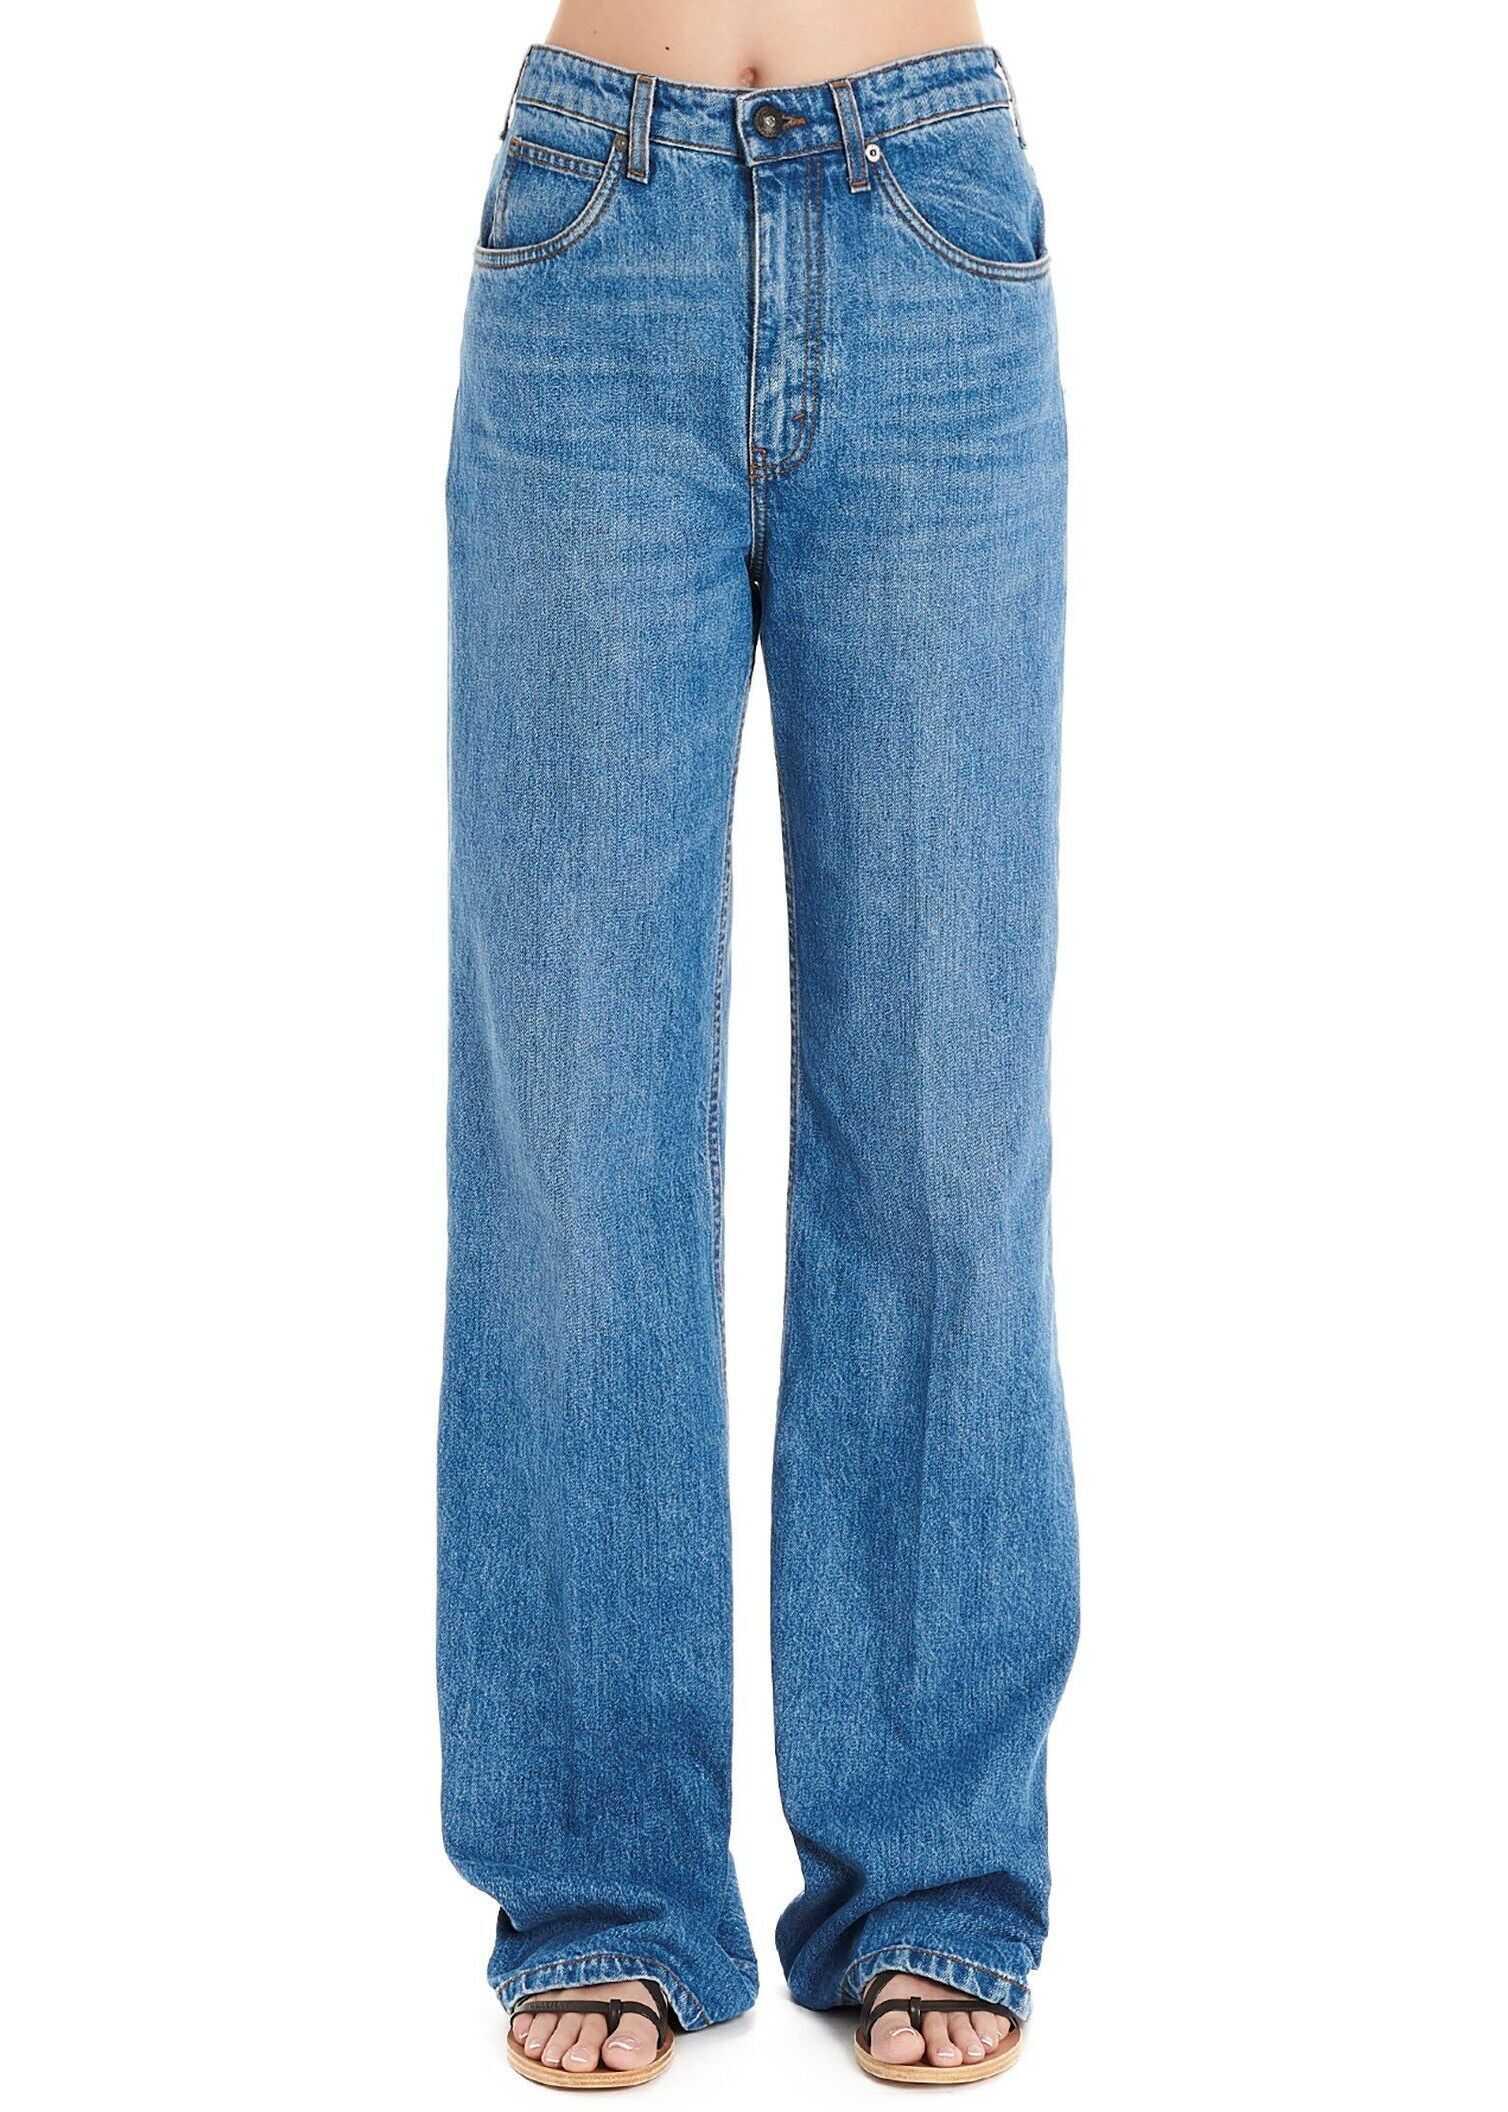 ETRO Cotton Jeans BLUE